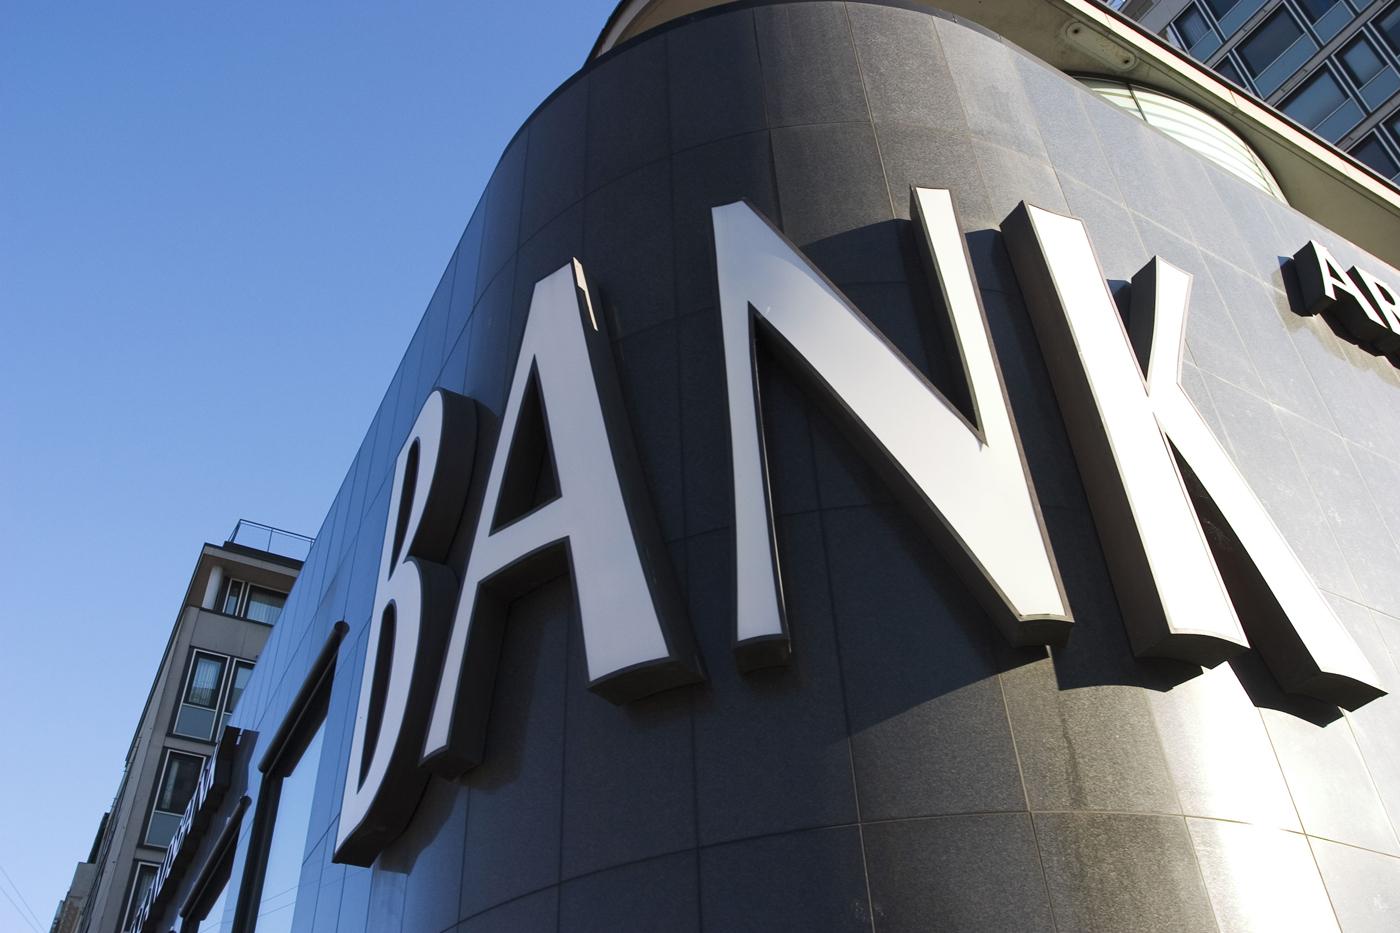 Səhmdarlarının sayı 100-dən artıq olan banklar